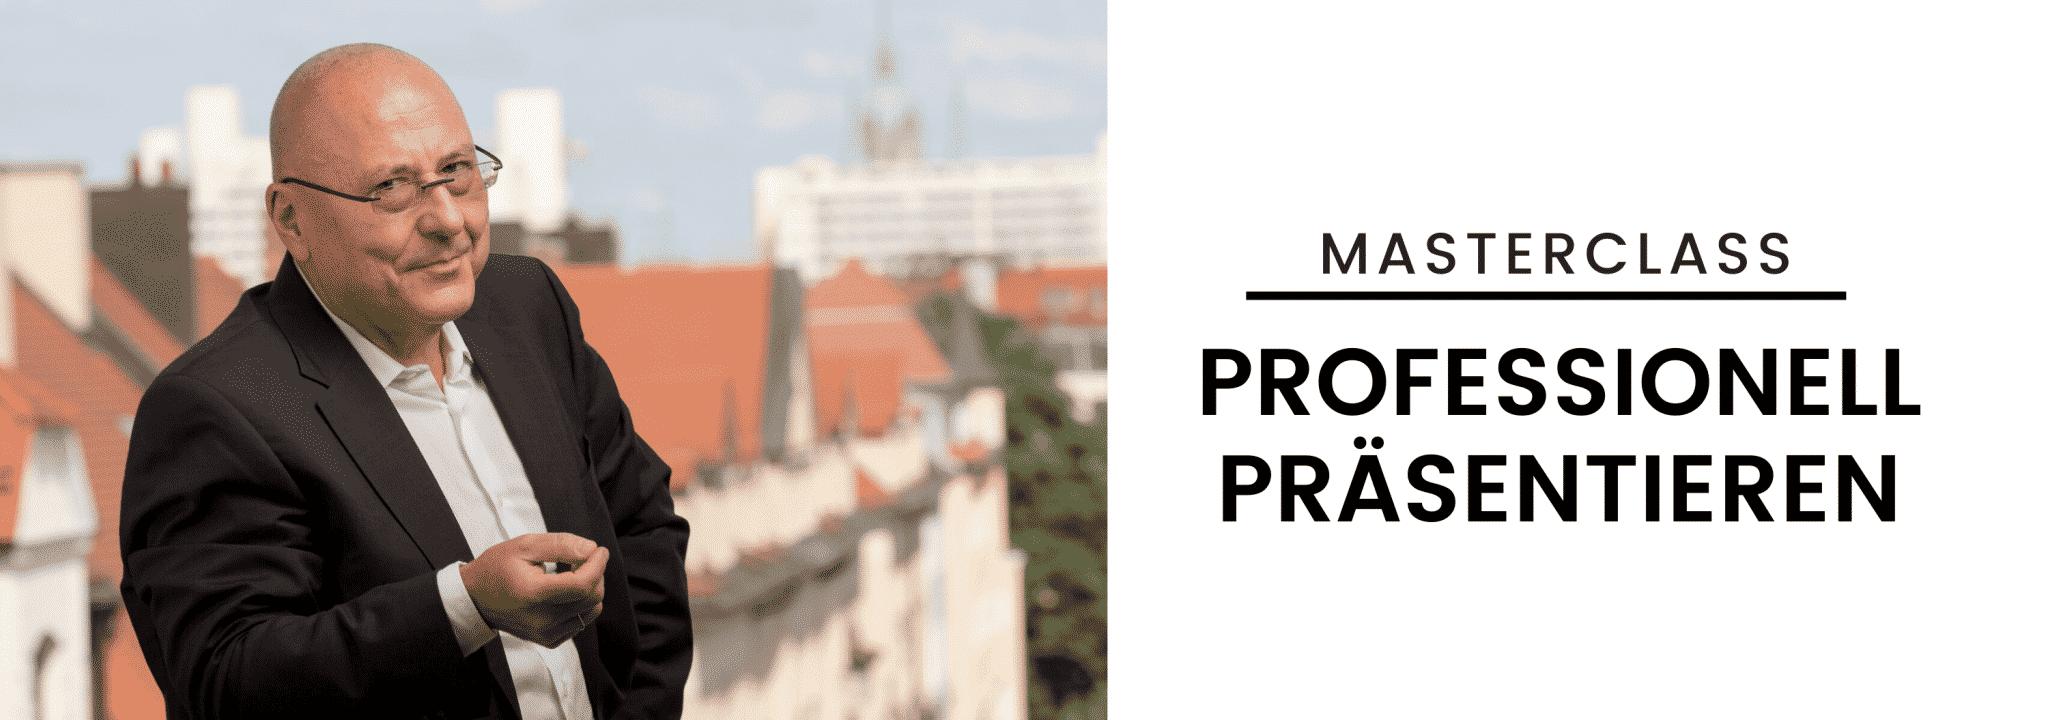 Masterclass Professionell Präsentieren